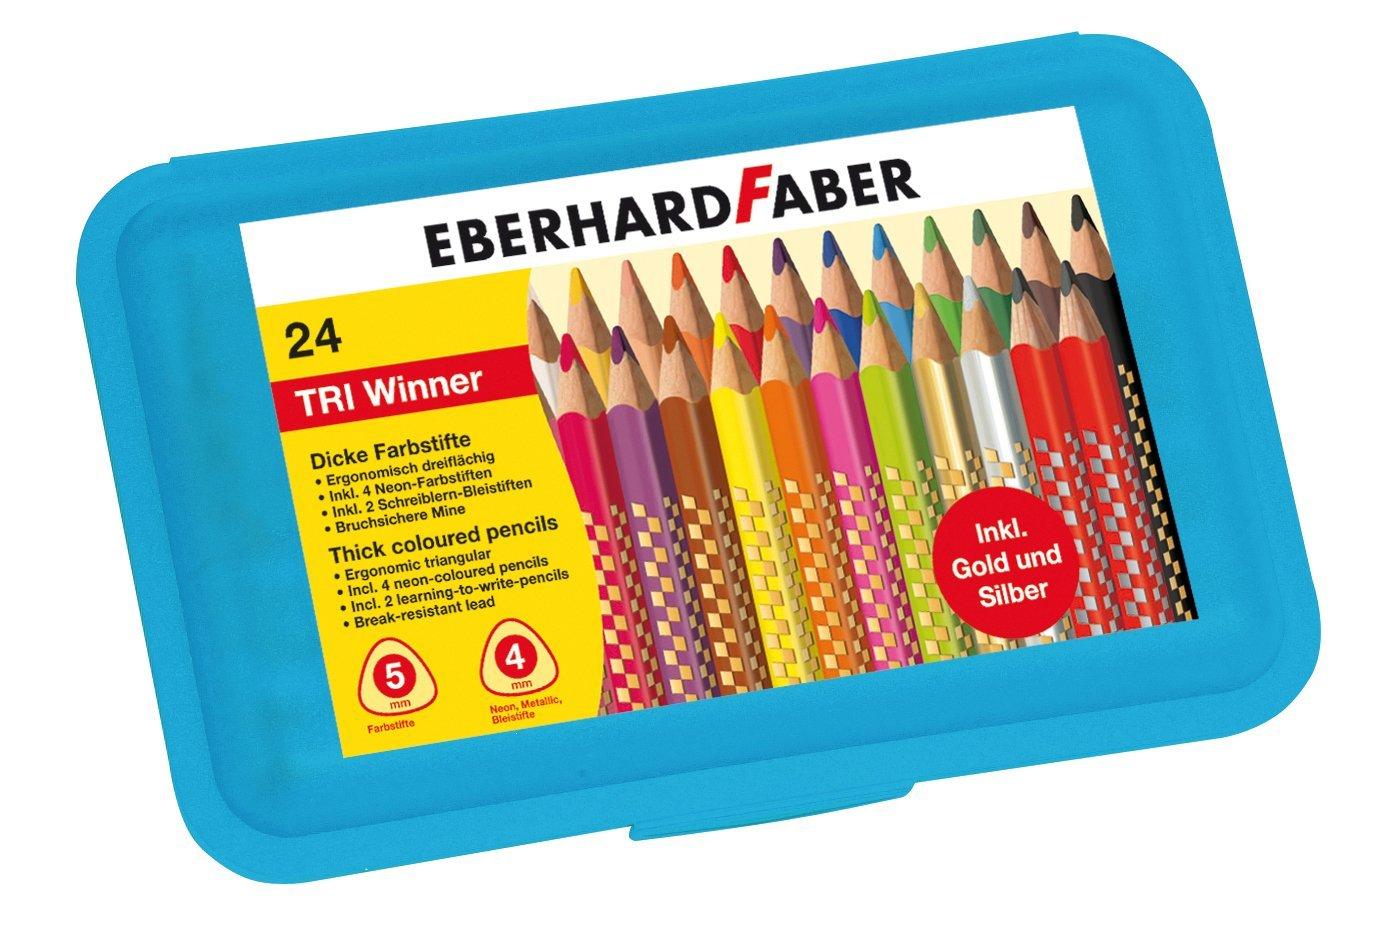 Eberhard Faber Buntstift Tri Winner, 24 Stück Kunststoffbox für 7,99€ (Müller)